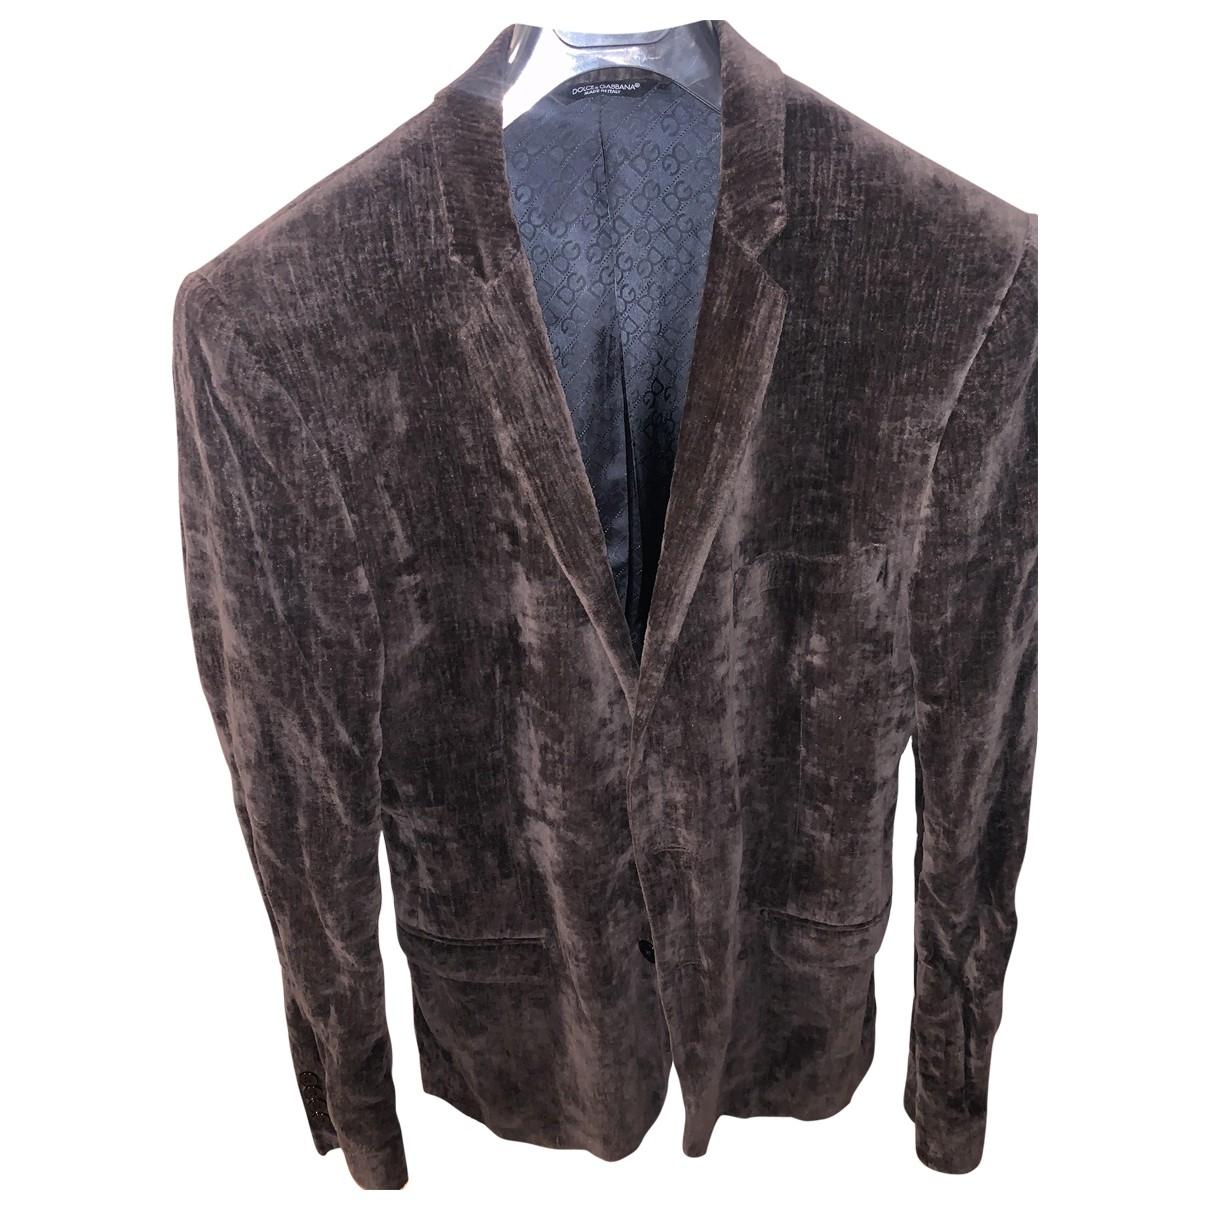 D&g \N Brown Velvet jacket  for Men S International